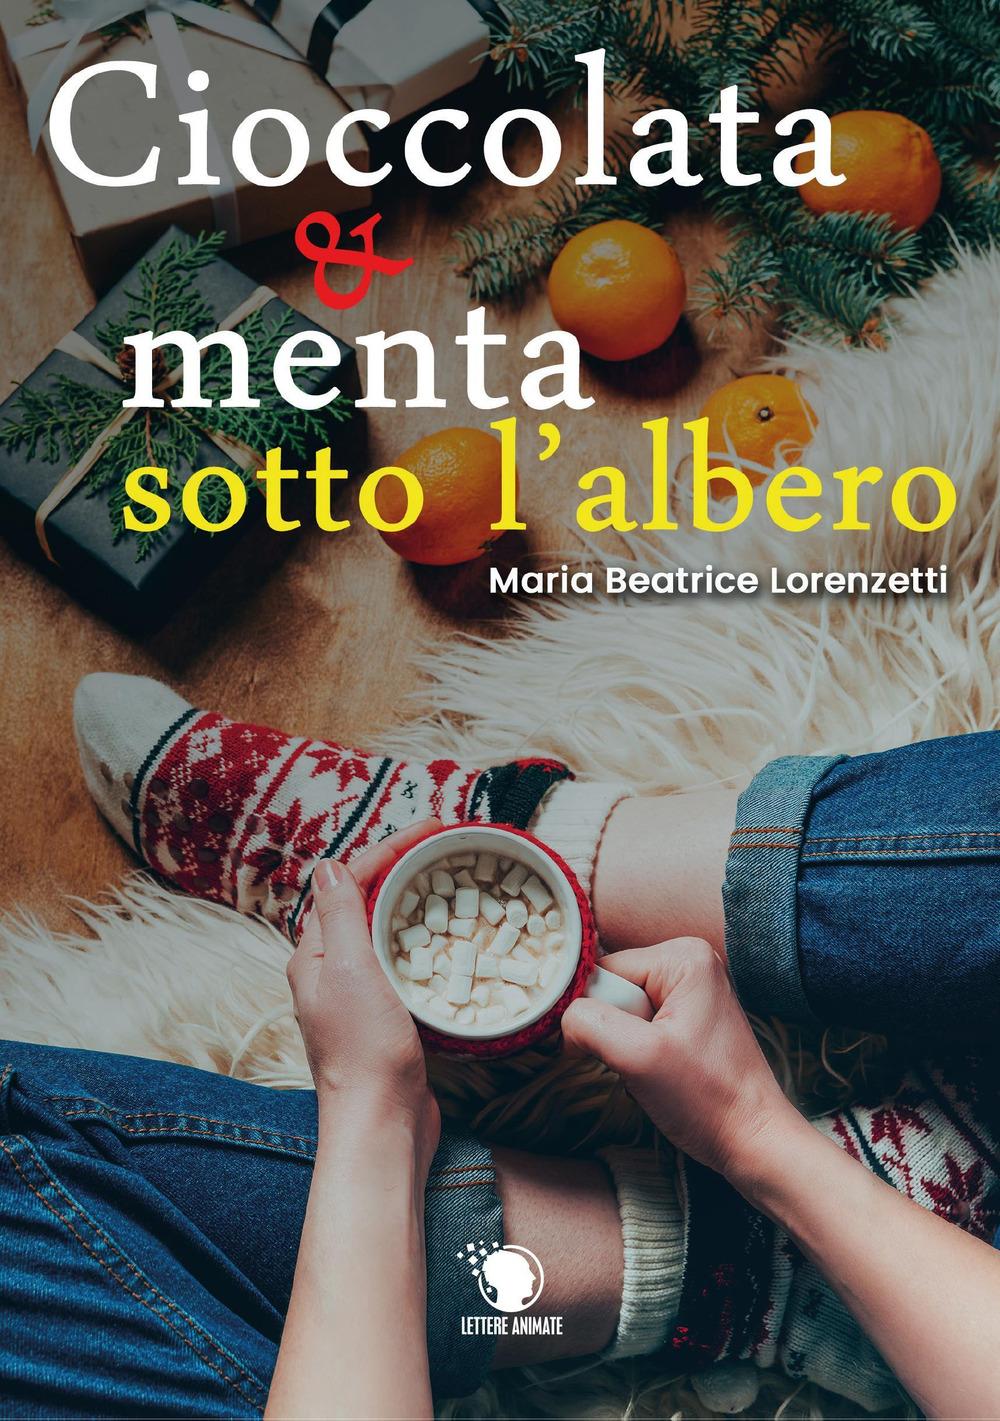 Cioccolata_menta_lalbero_lettere_animate